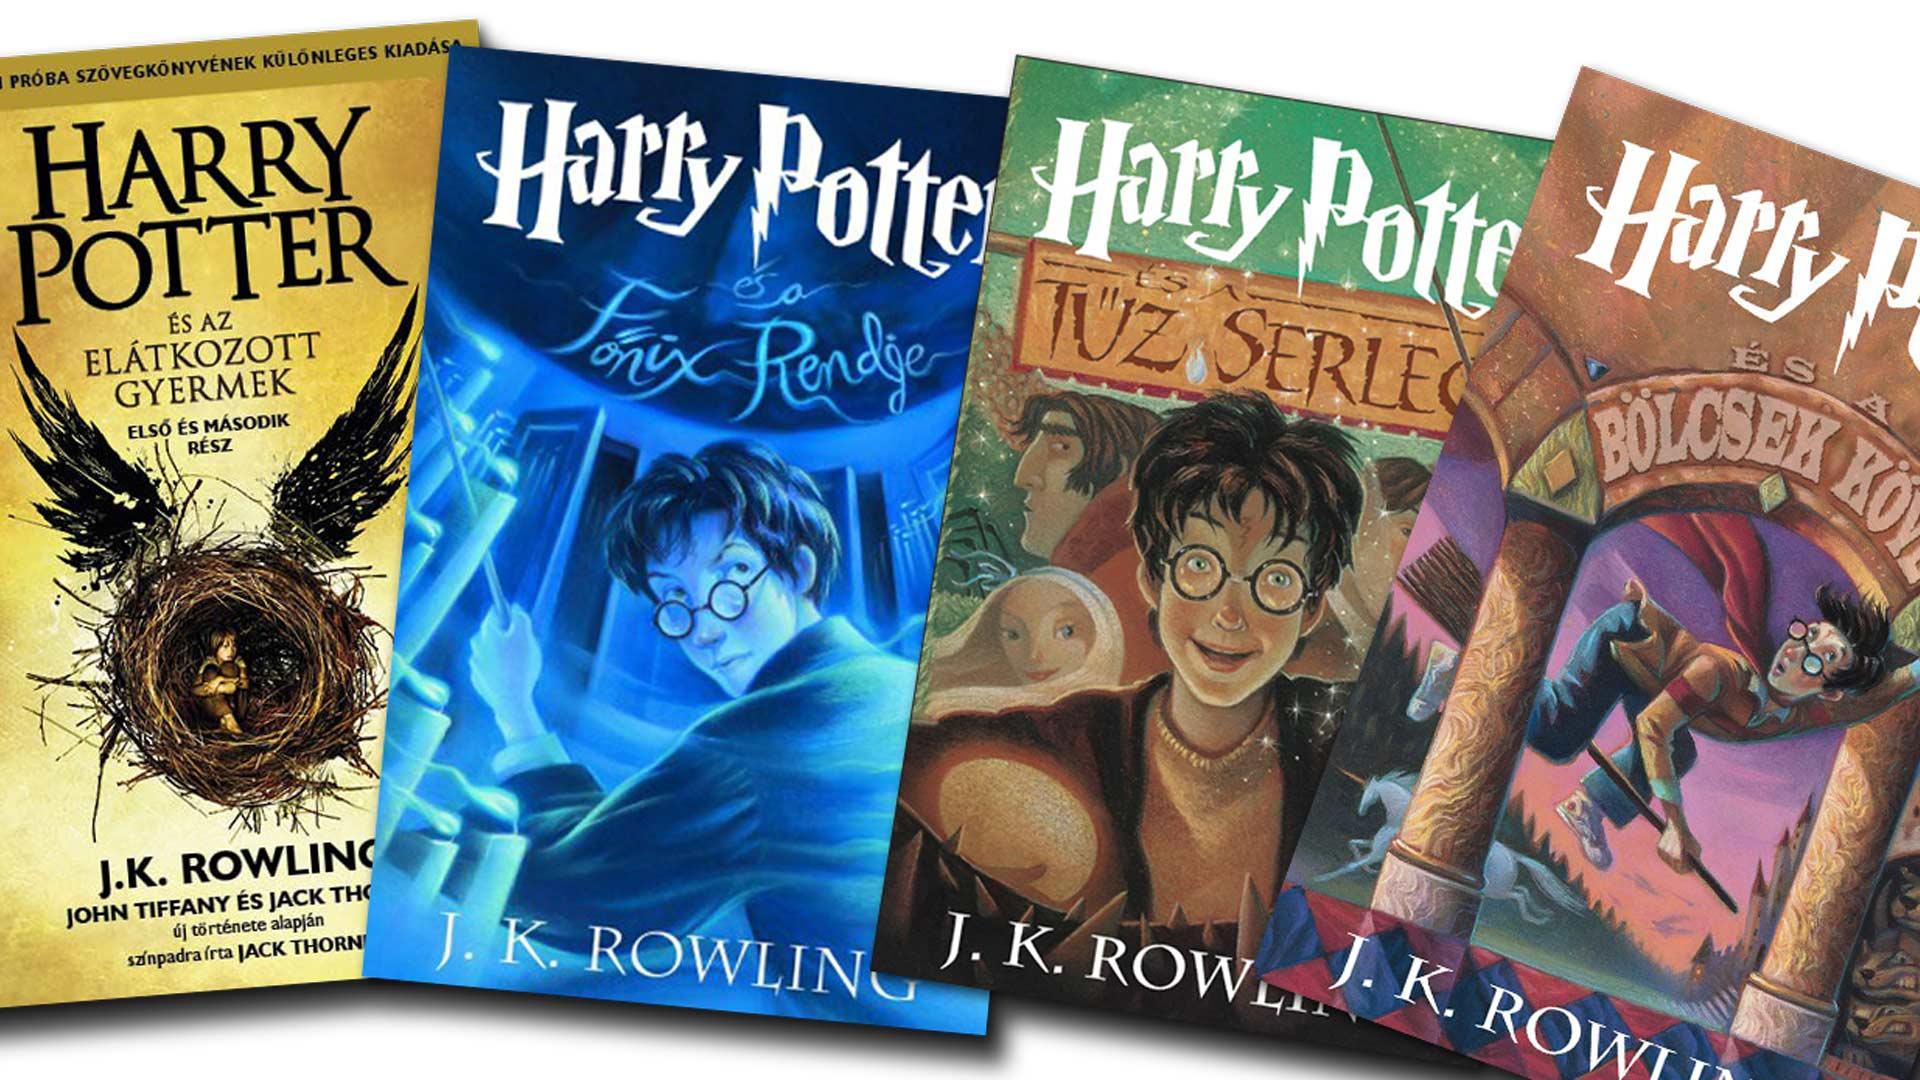 A Central Médiacsoport megvásárolta a Harry Potter-könyvek és a skandináv sikerkrimik kiadóját